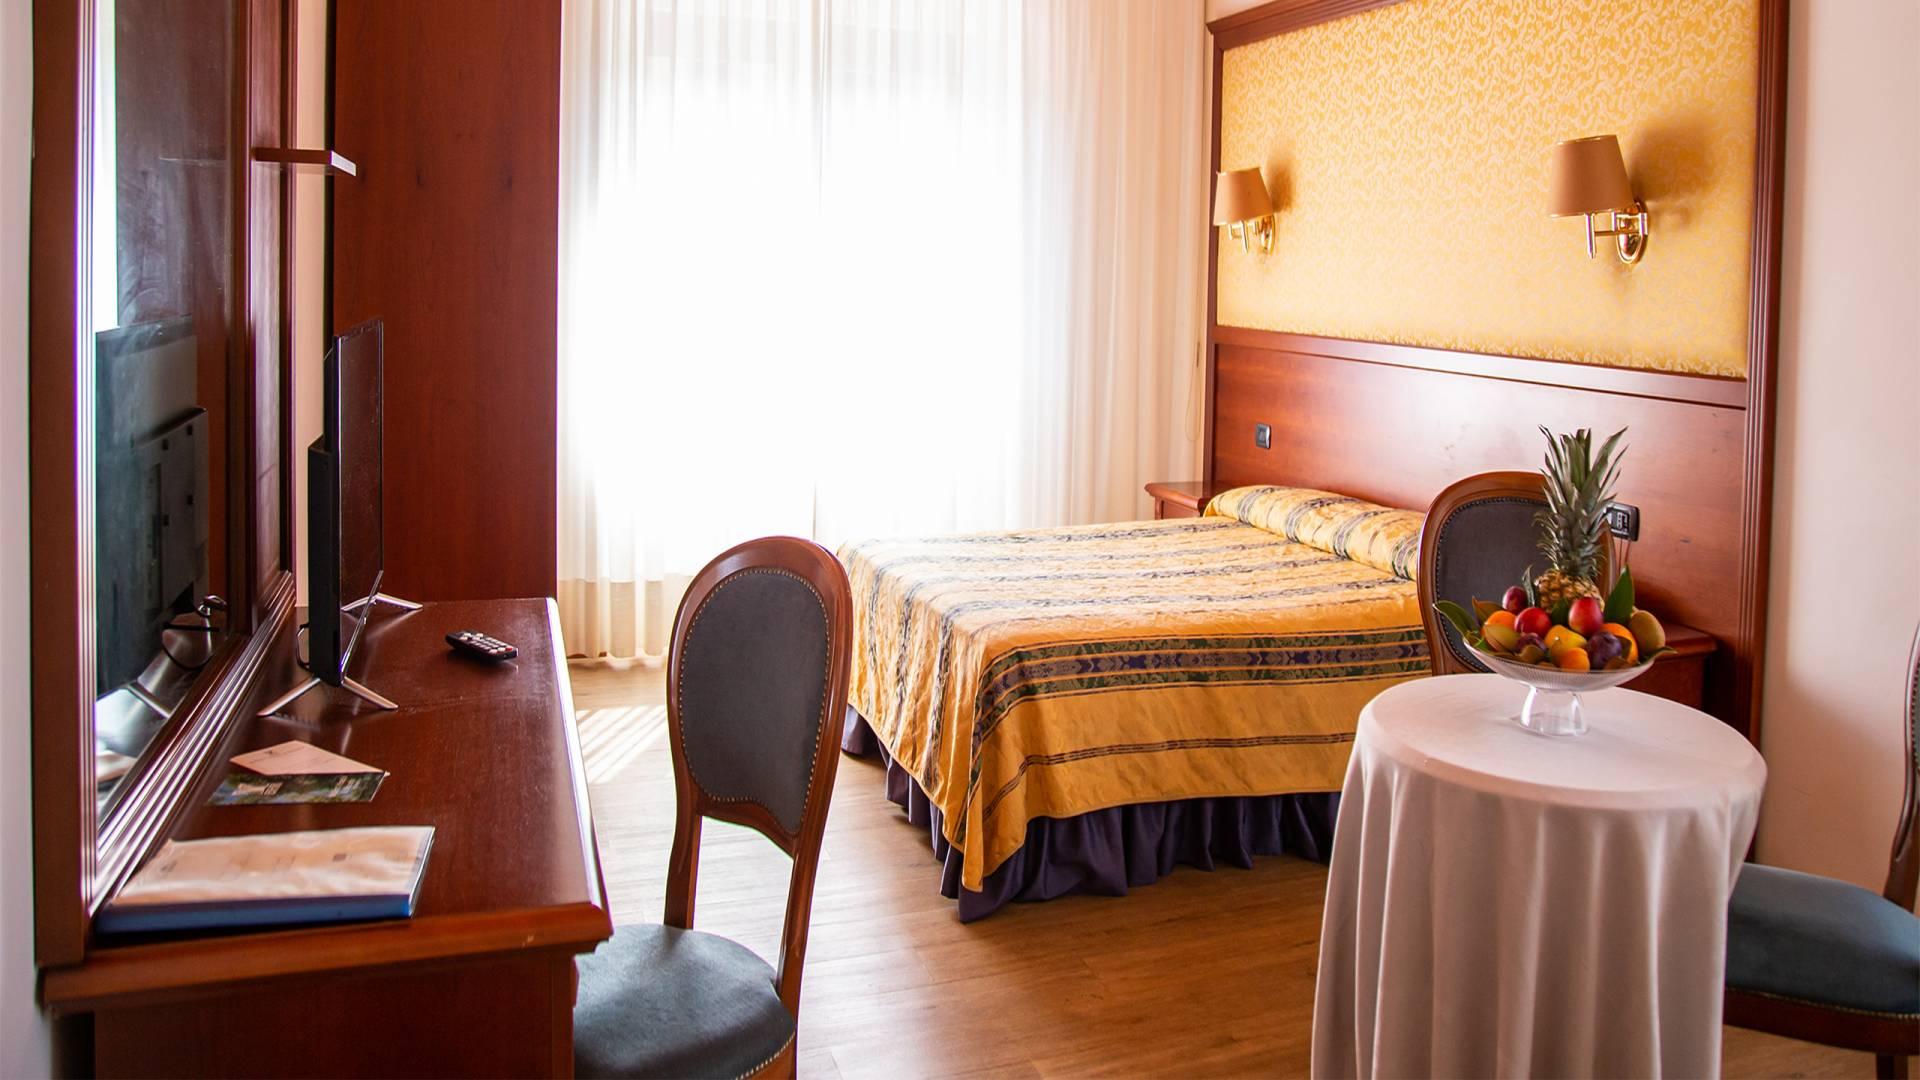 Balletti-Park-Hotel-San-Martino-al-Cimino-Viterbo-camere-2020-classic-matrimoniale4